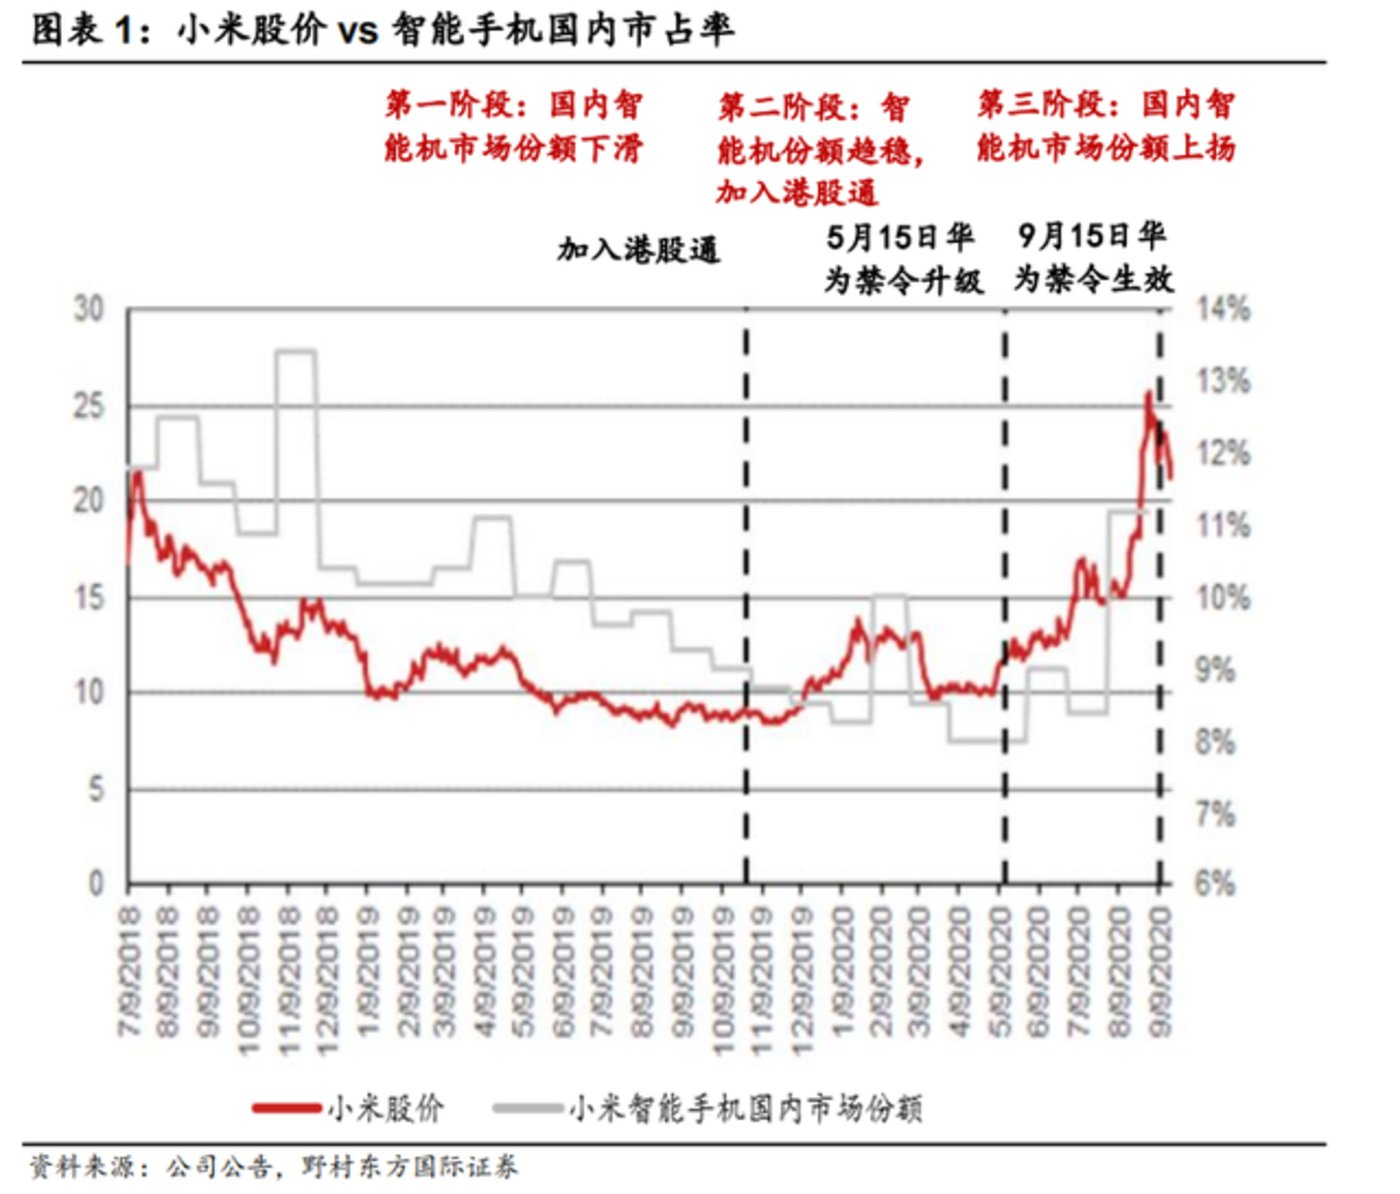 图源:野村证券研究报告